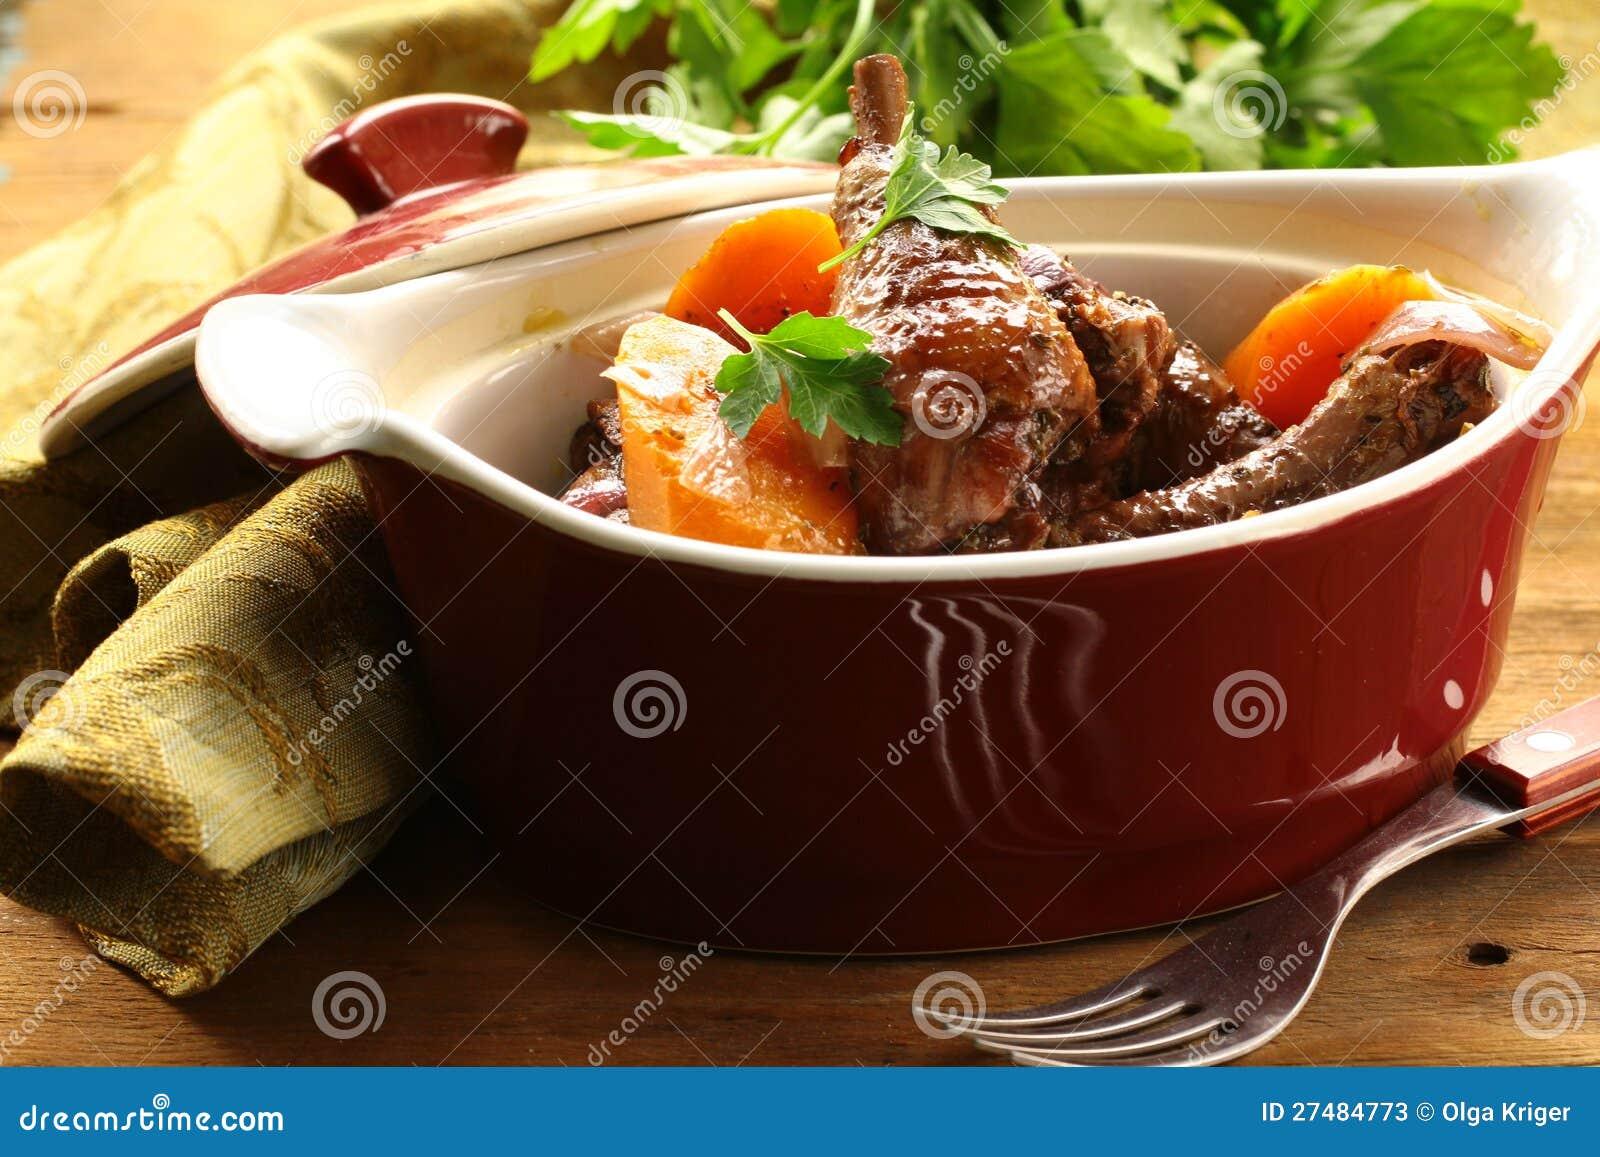 Tradycyjna Francuska kuchnia - kurczak w winie